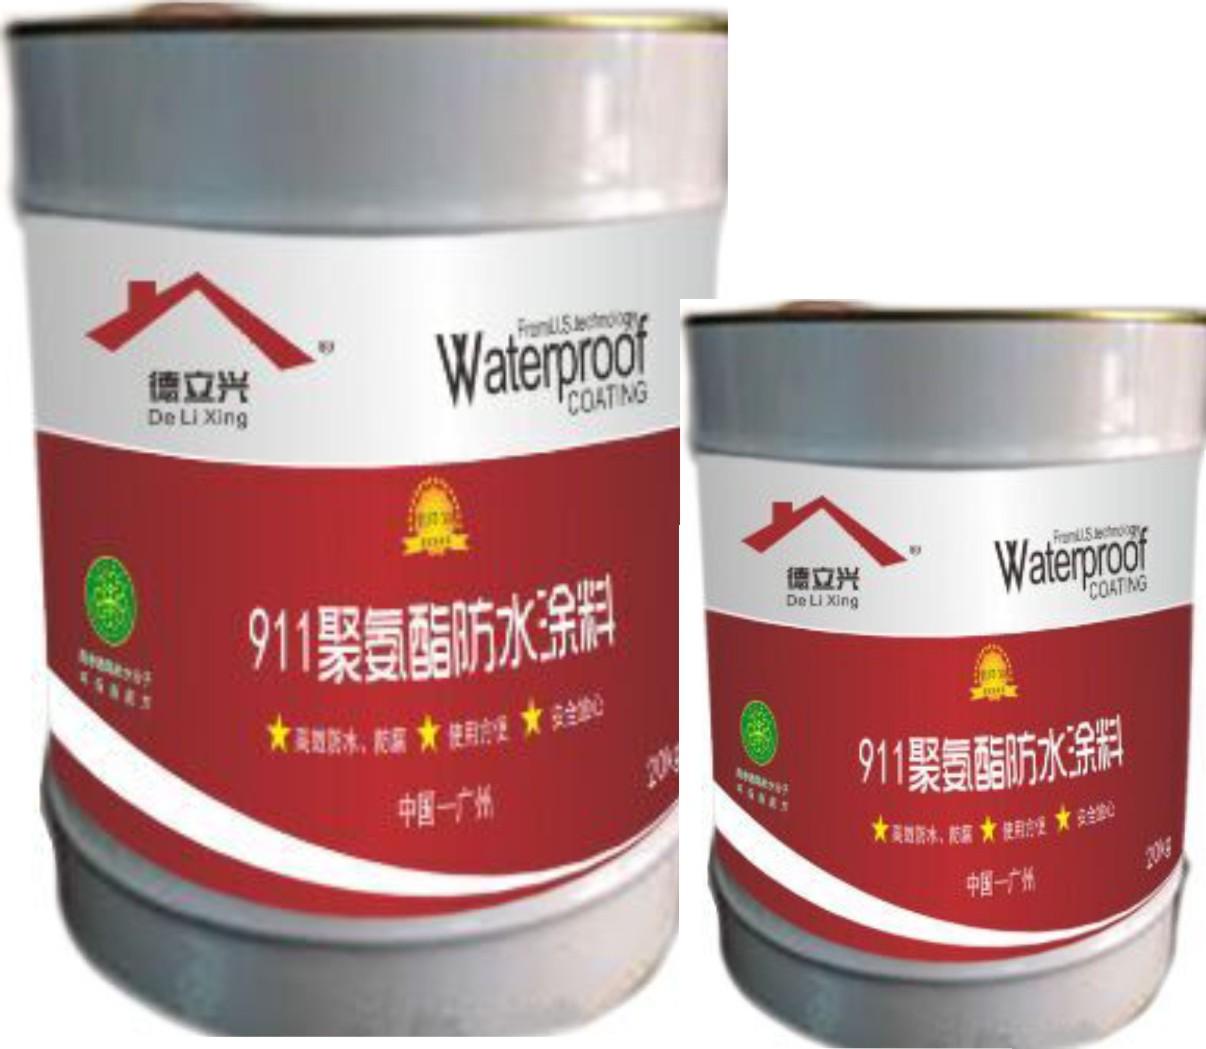 聚氨酯工程防水涂料德立兴厂家供应